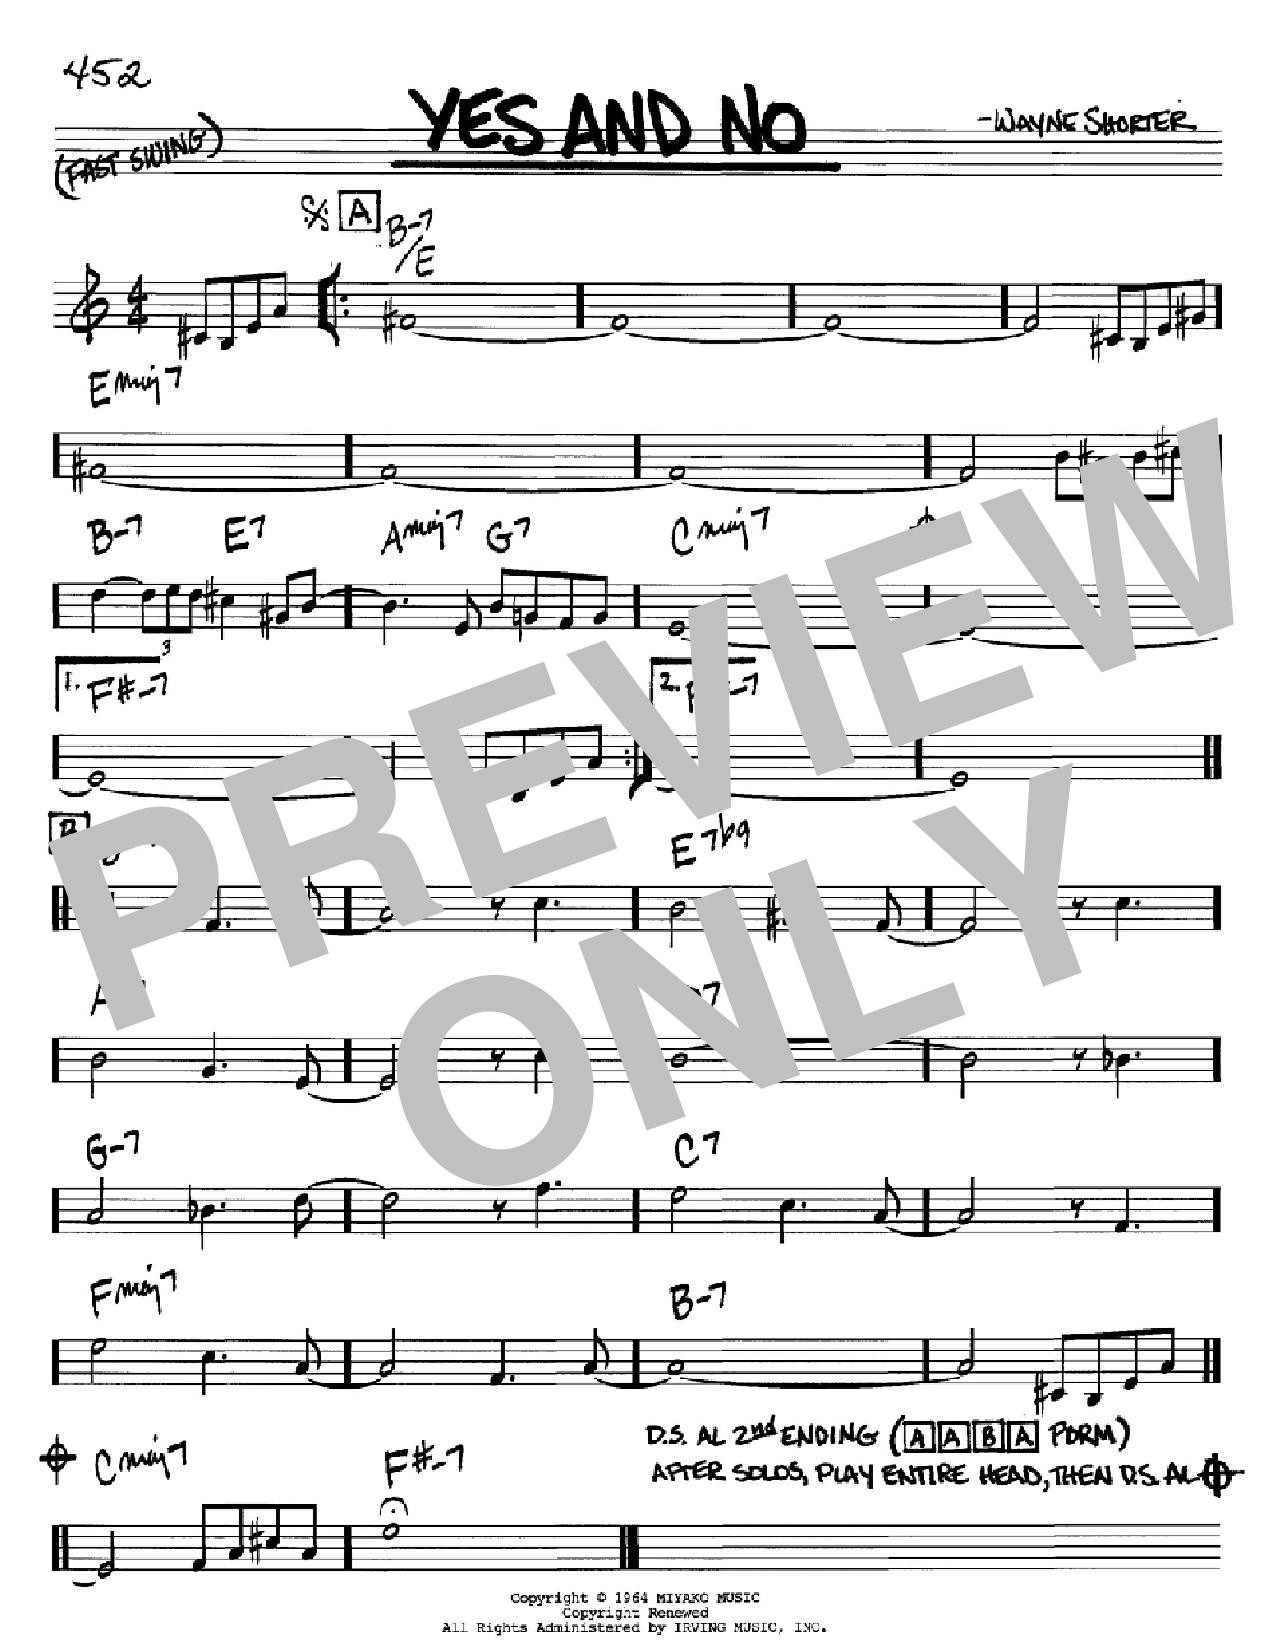 Partition autre Yes And No de Wayne Shorter - Real Book, Melodie et Accords, Inst. En Sib